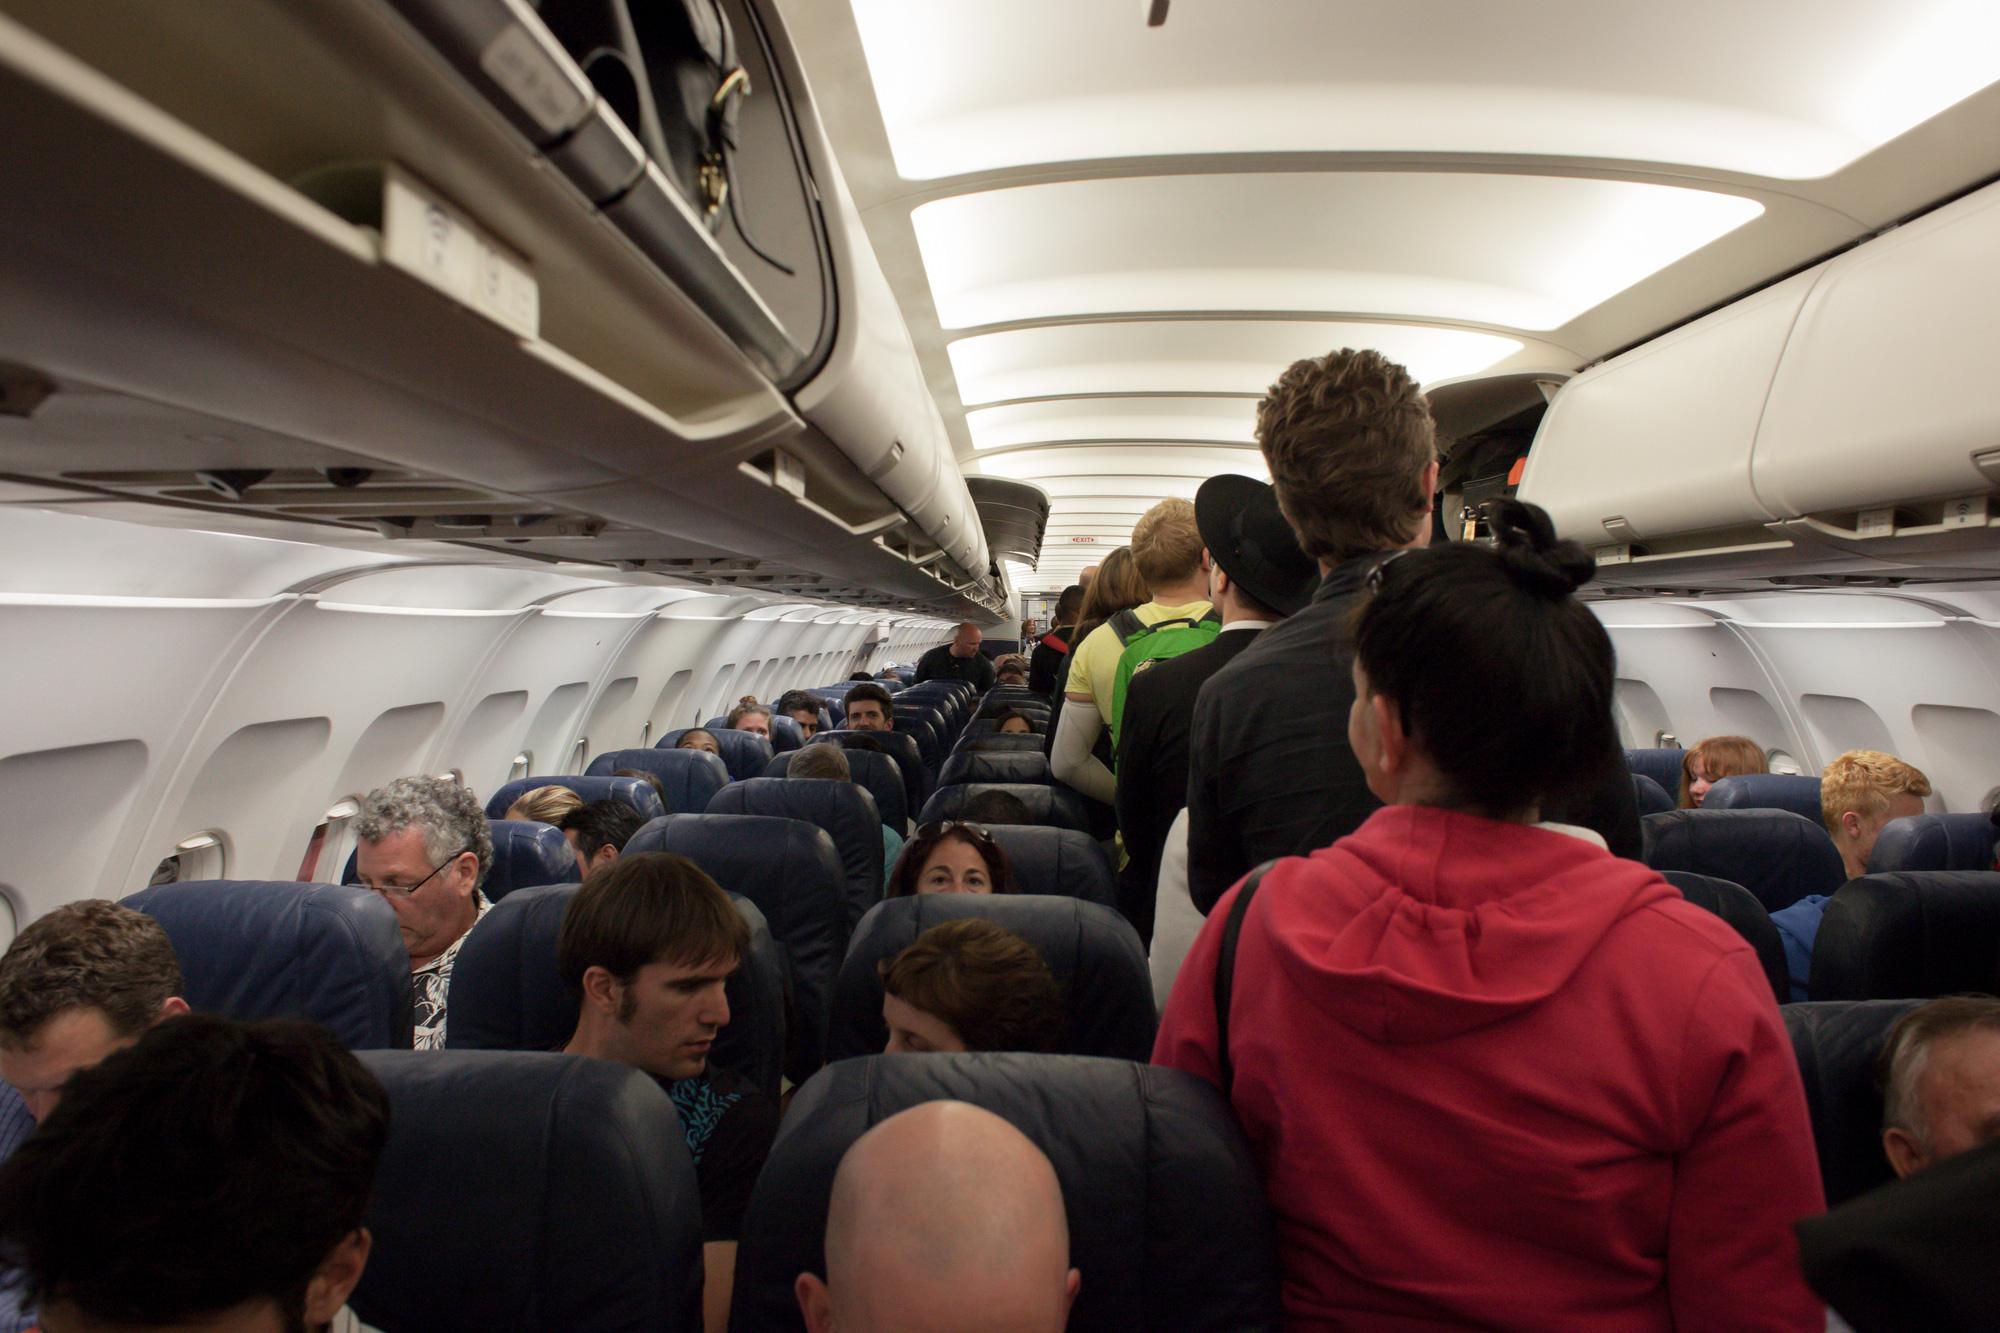 13 kiểu người bị ghét trên máy bay có nên tránh? - Ảnh 6.